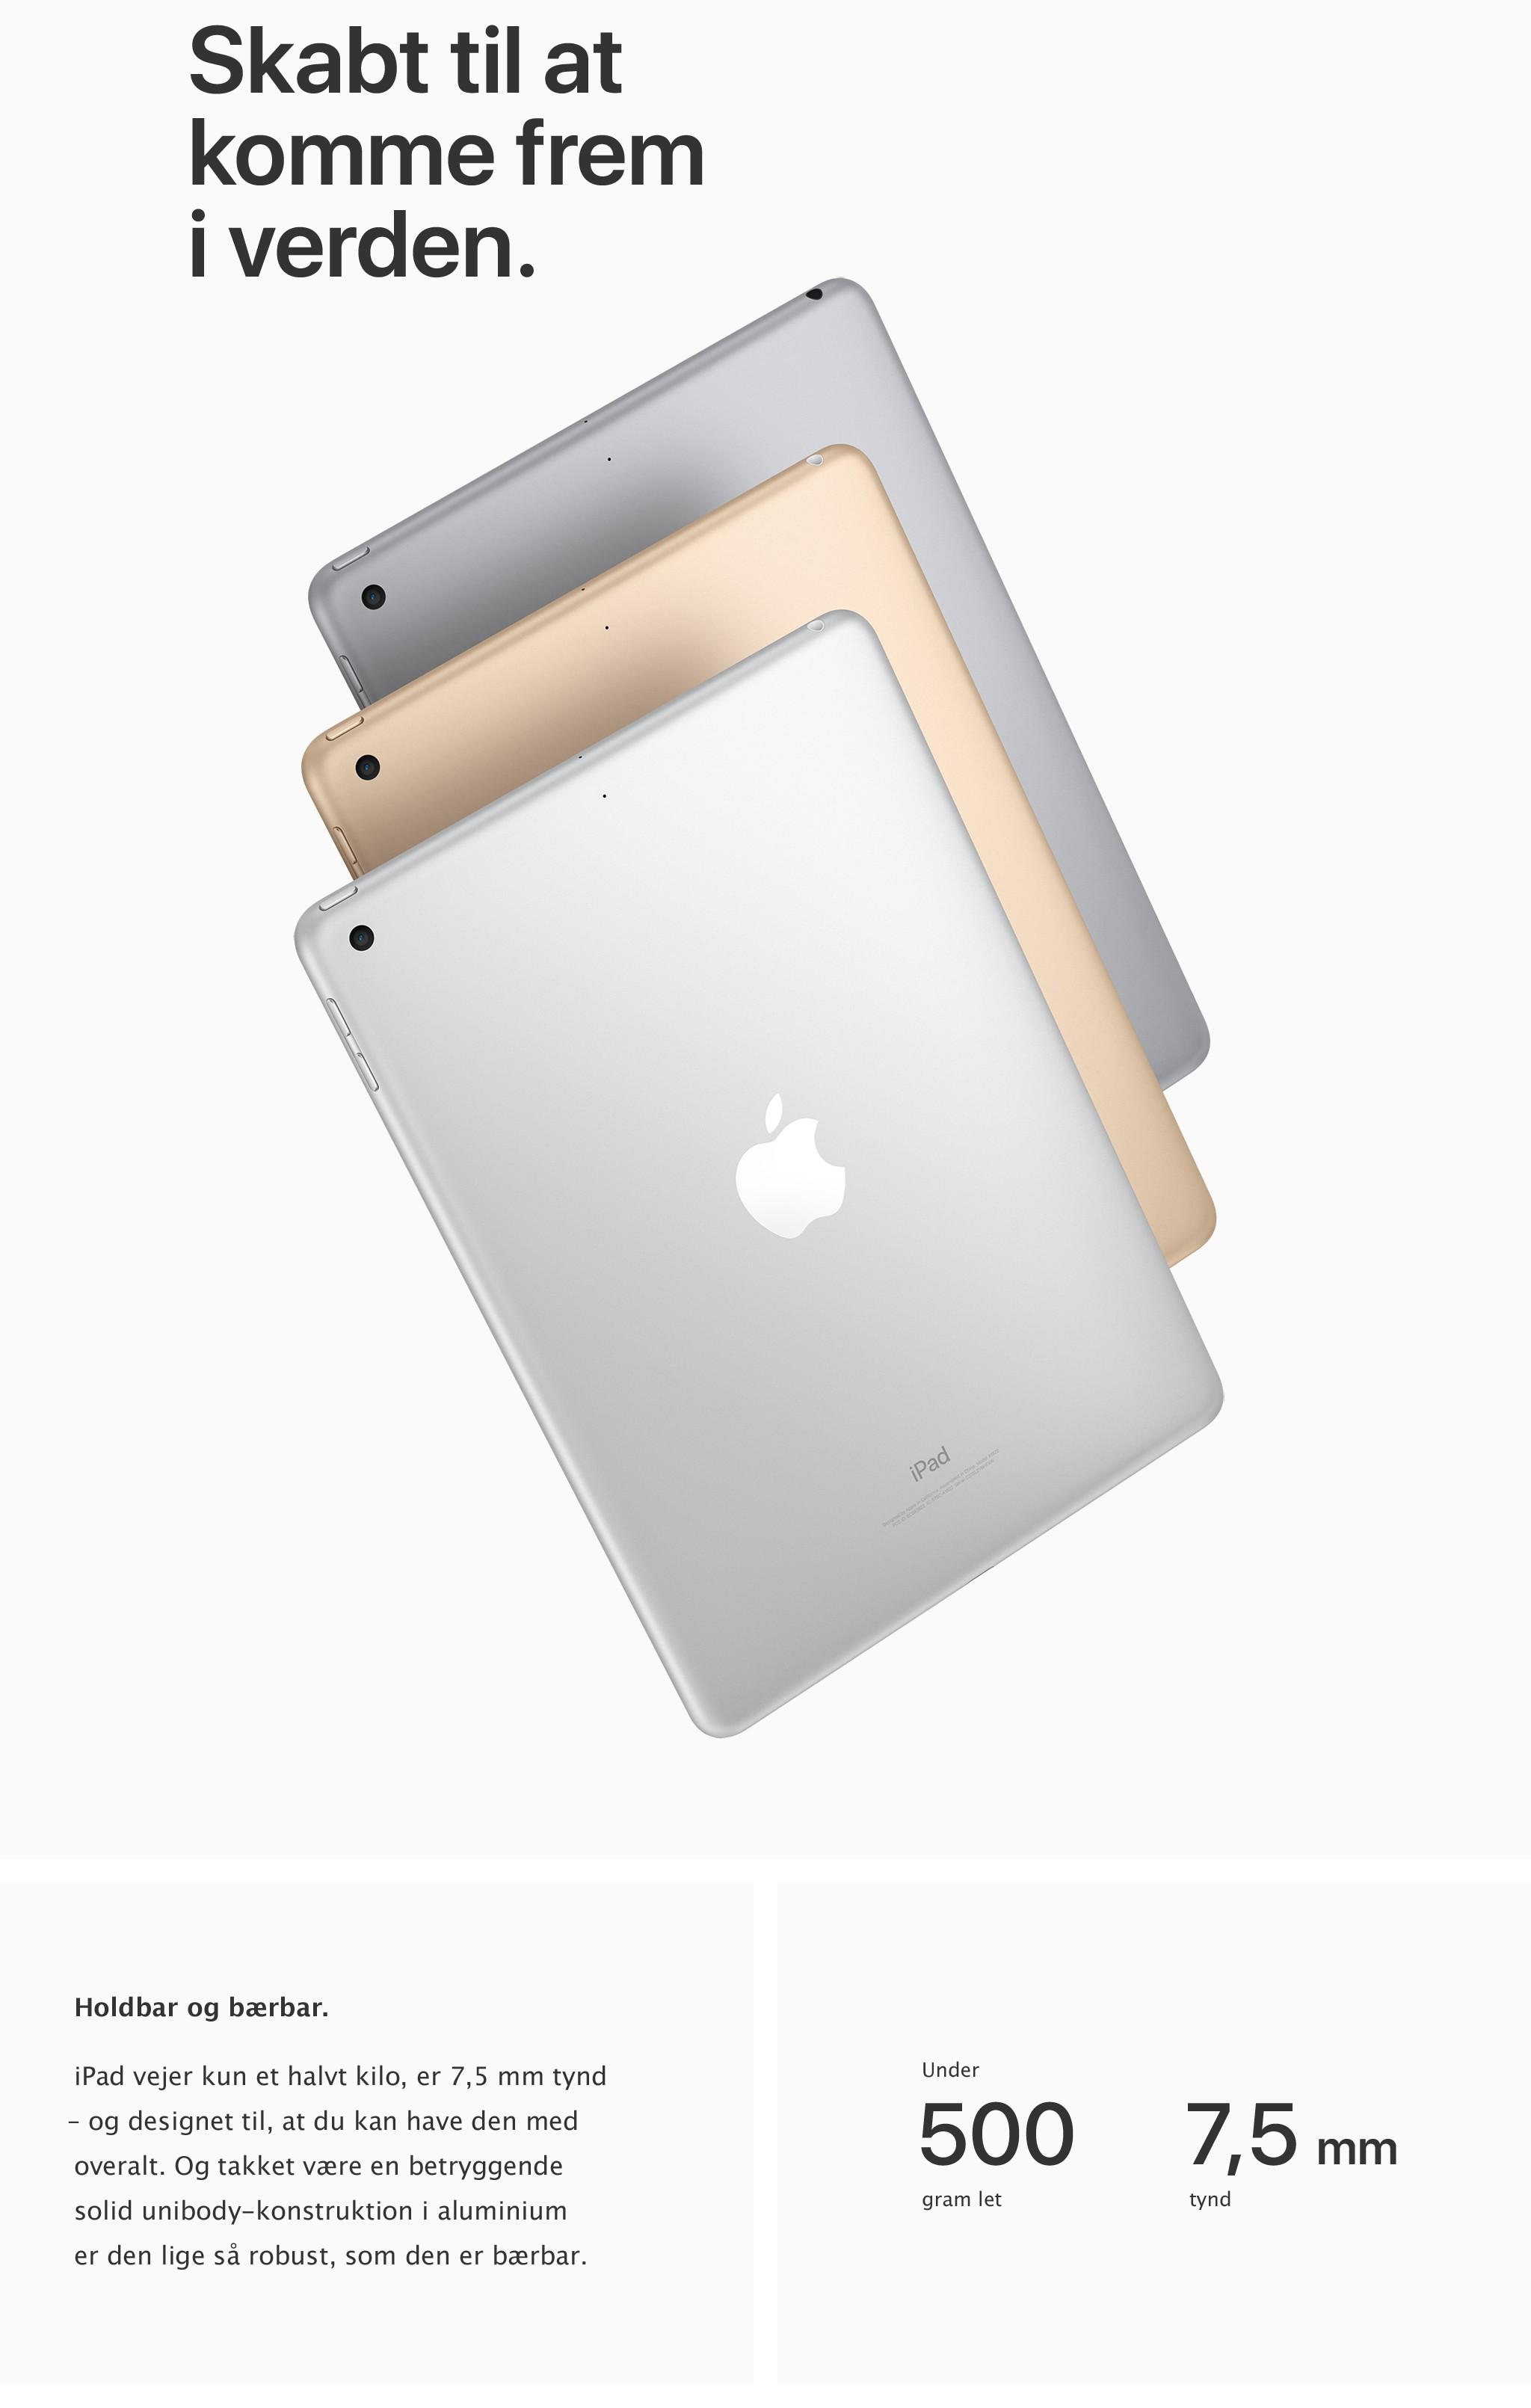 Den nye iPad er skabt til at komme frem i verden med